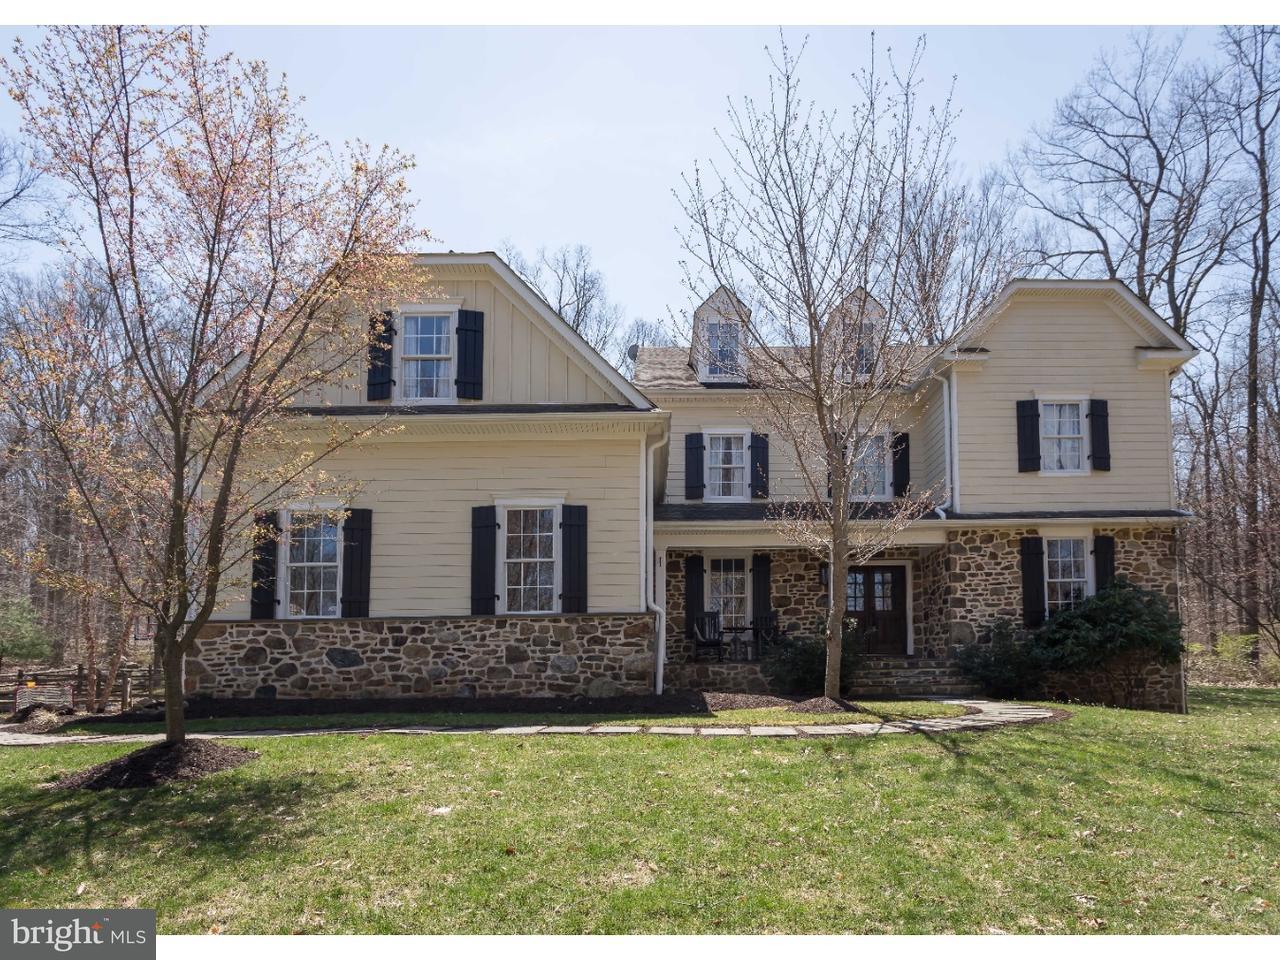 Maison unifamiliale pour l Vente à 67 LYONS RUN Road Glenmoore, Pennsylvanie 19343 États-Unis